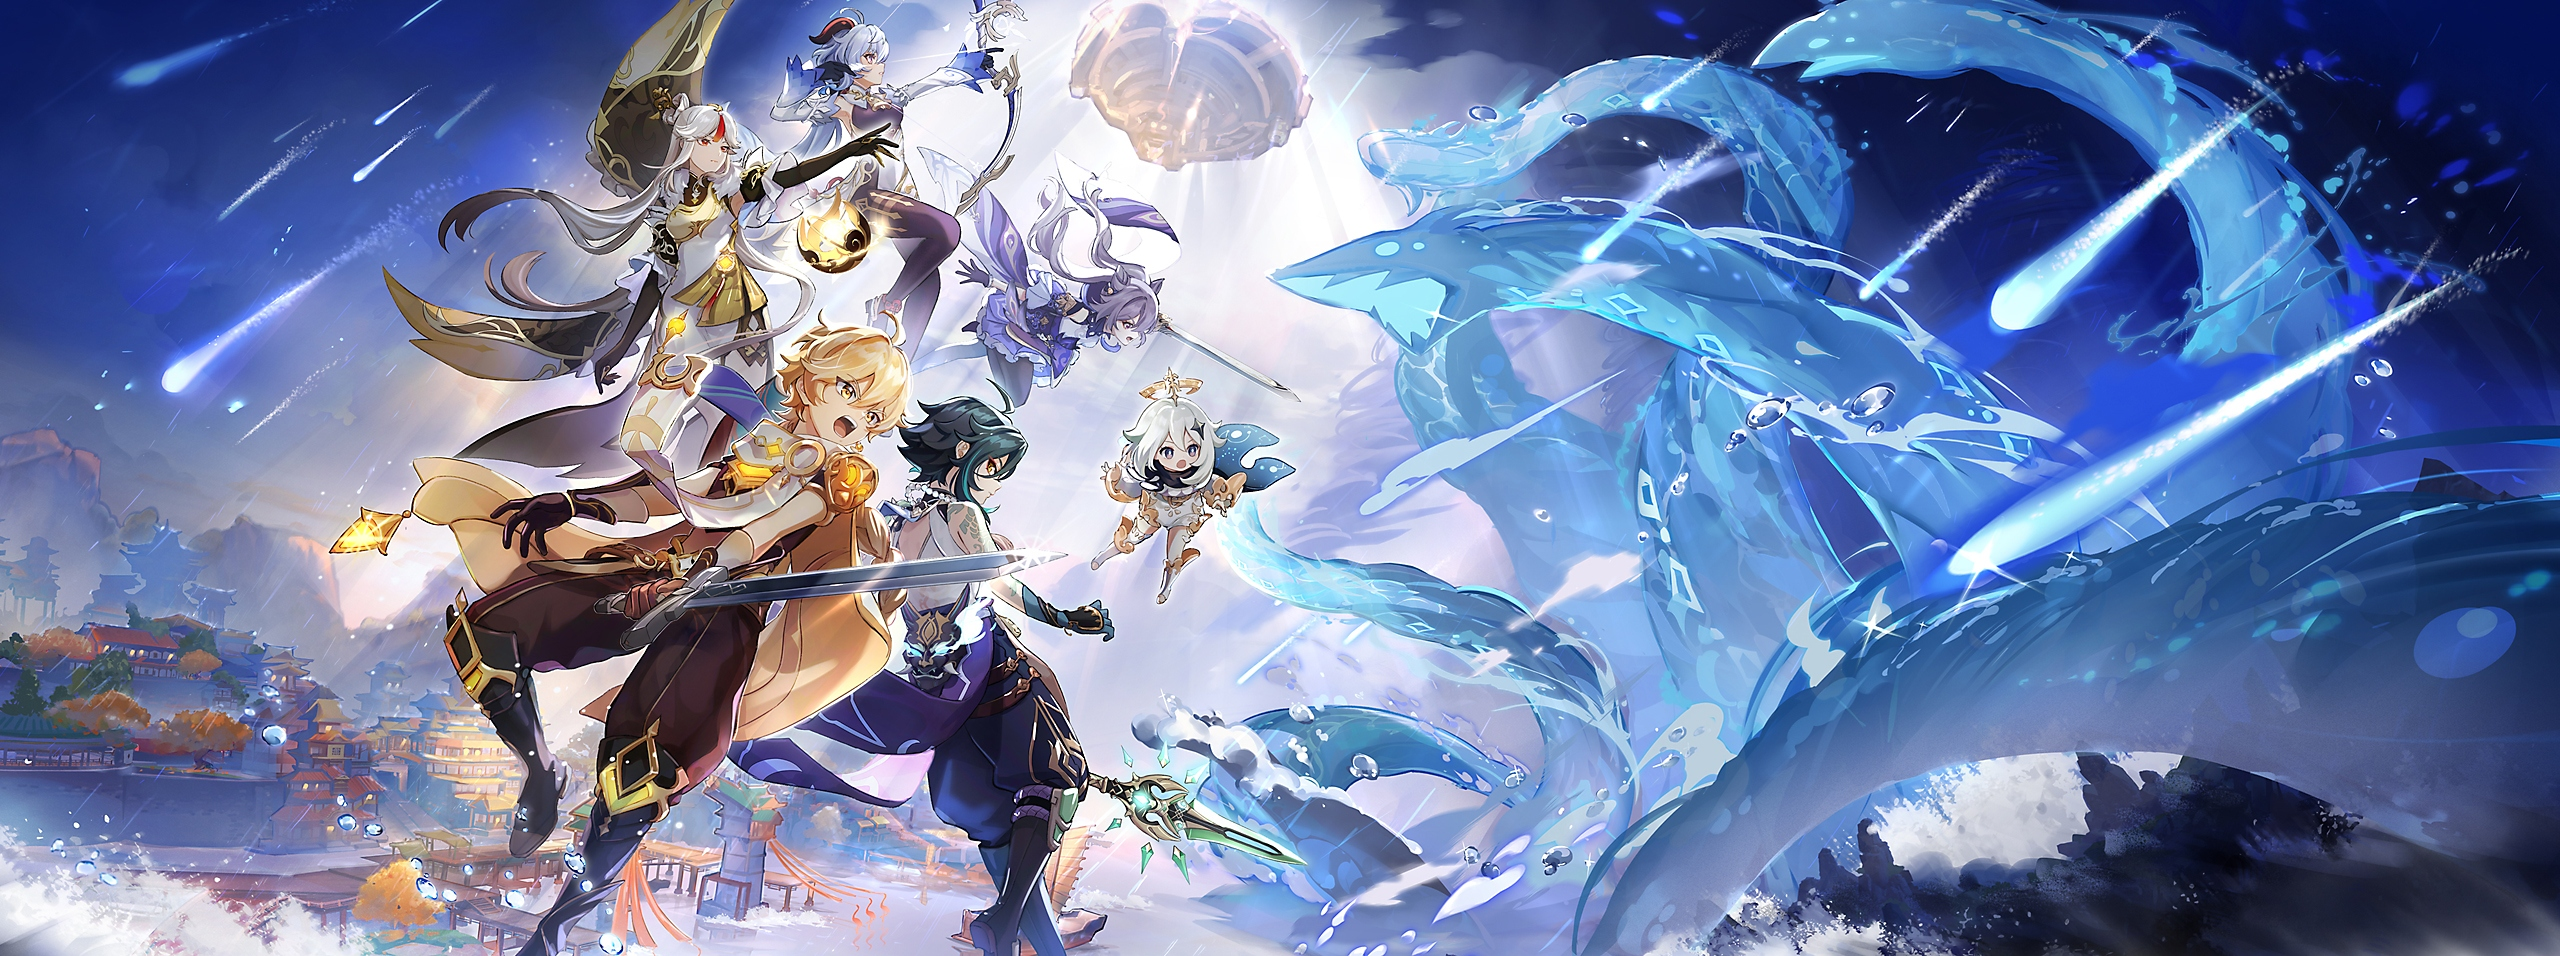 Genshin Impact: Mise à jour 1.5 - Illustration clé